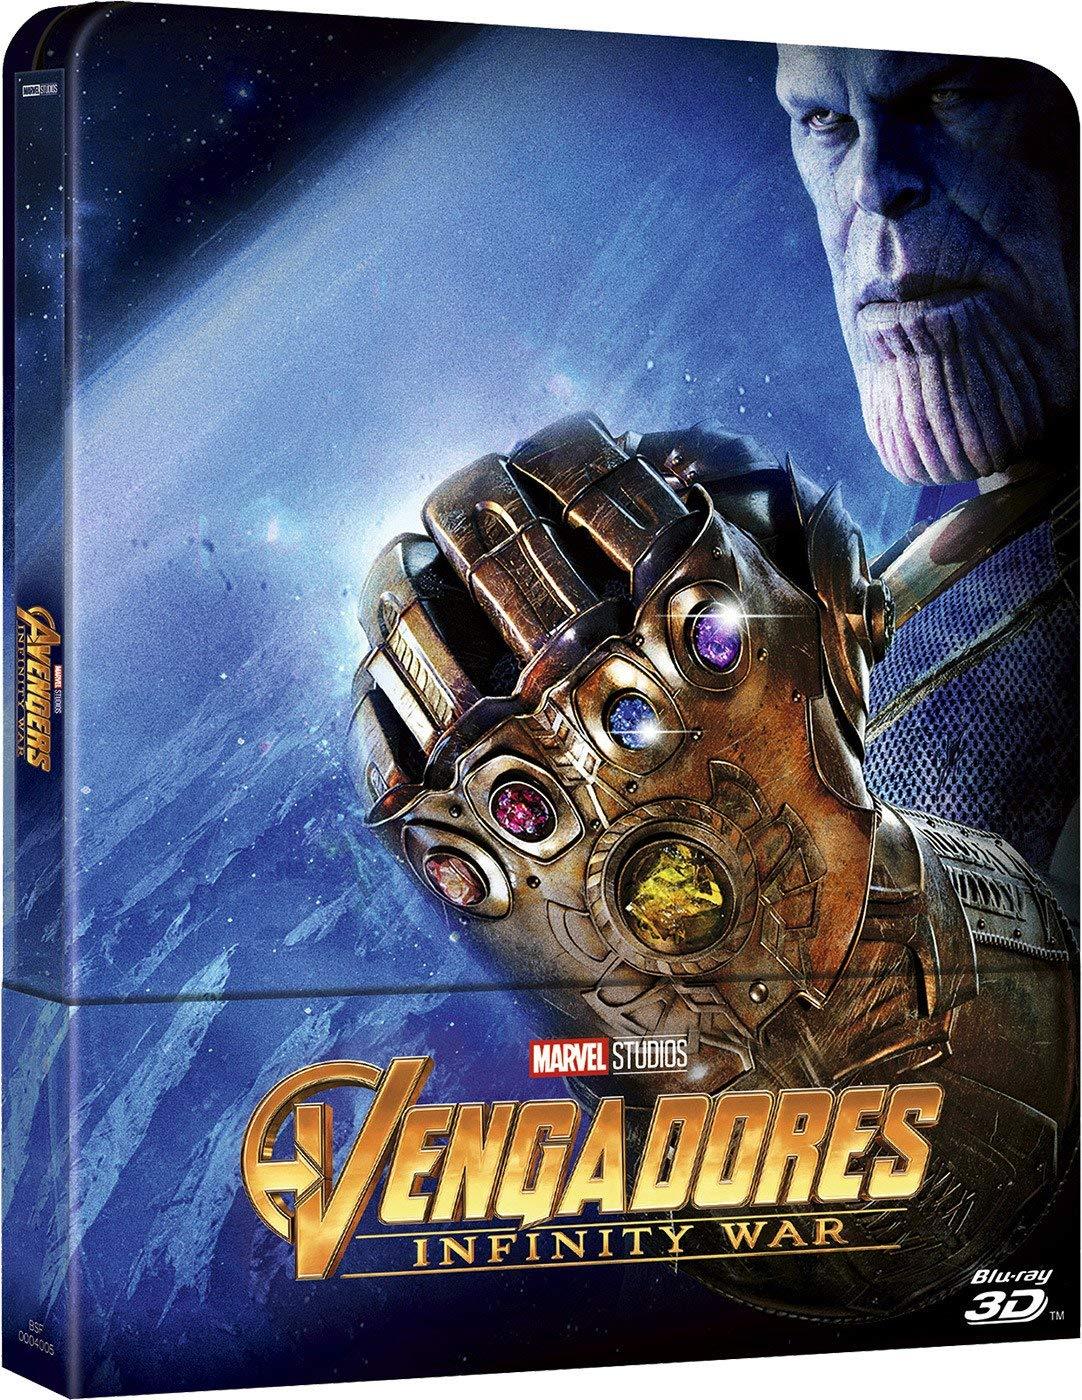 3D Steelbook Vengadores Infinity War [Blu-ray] imagen